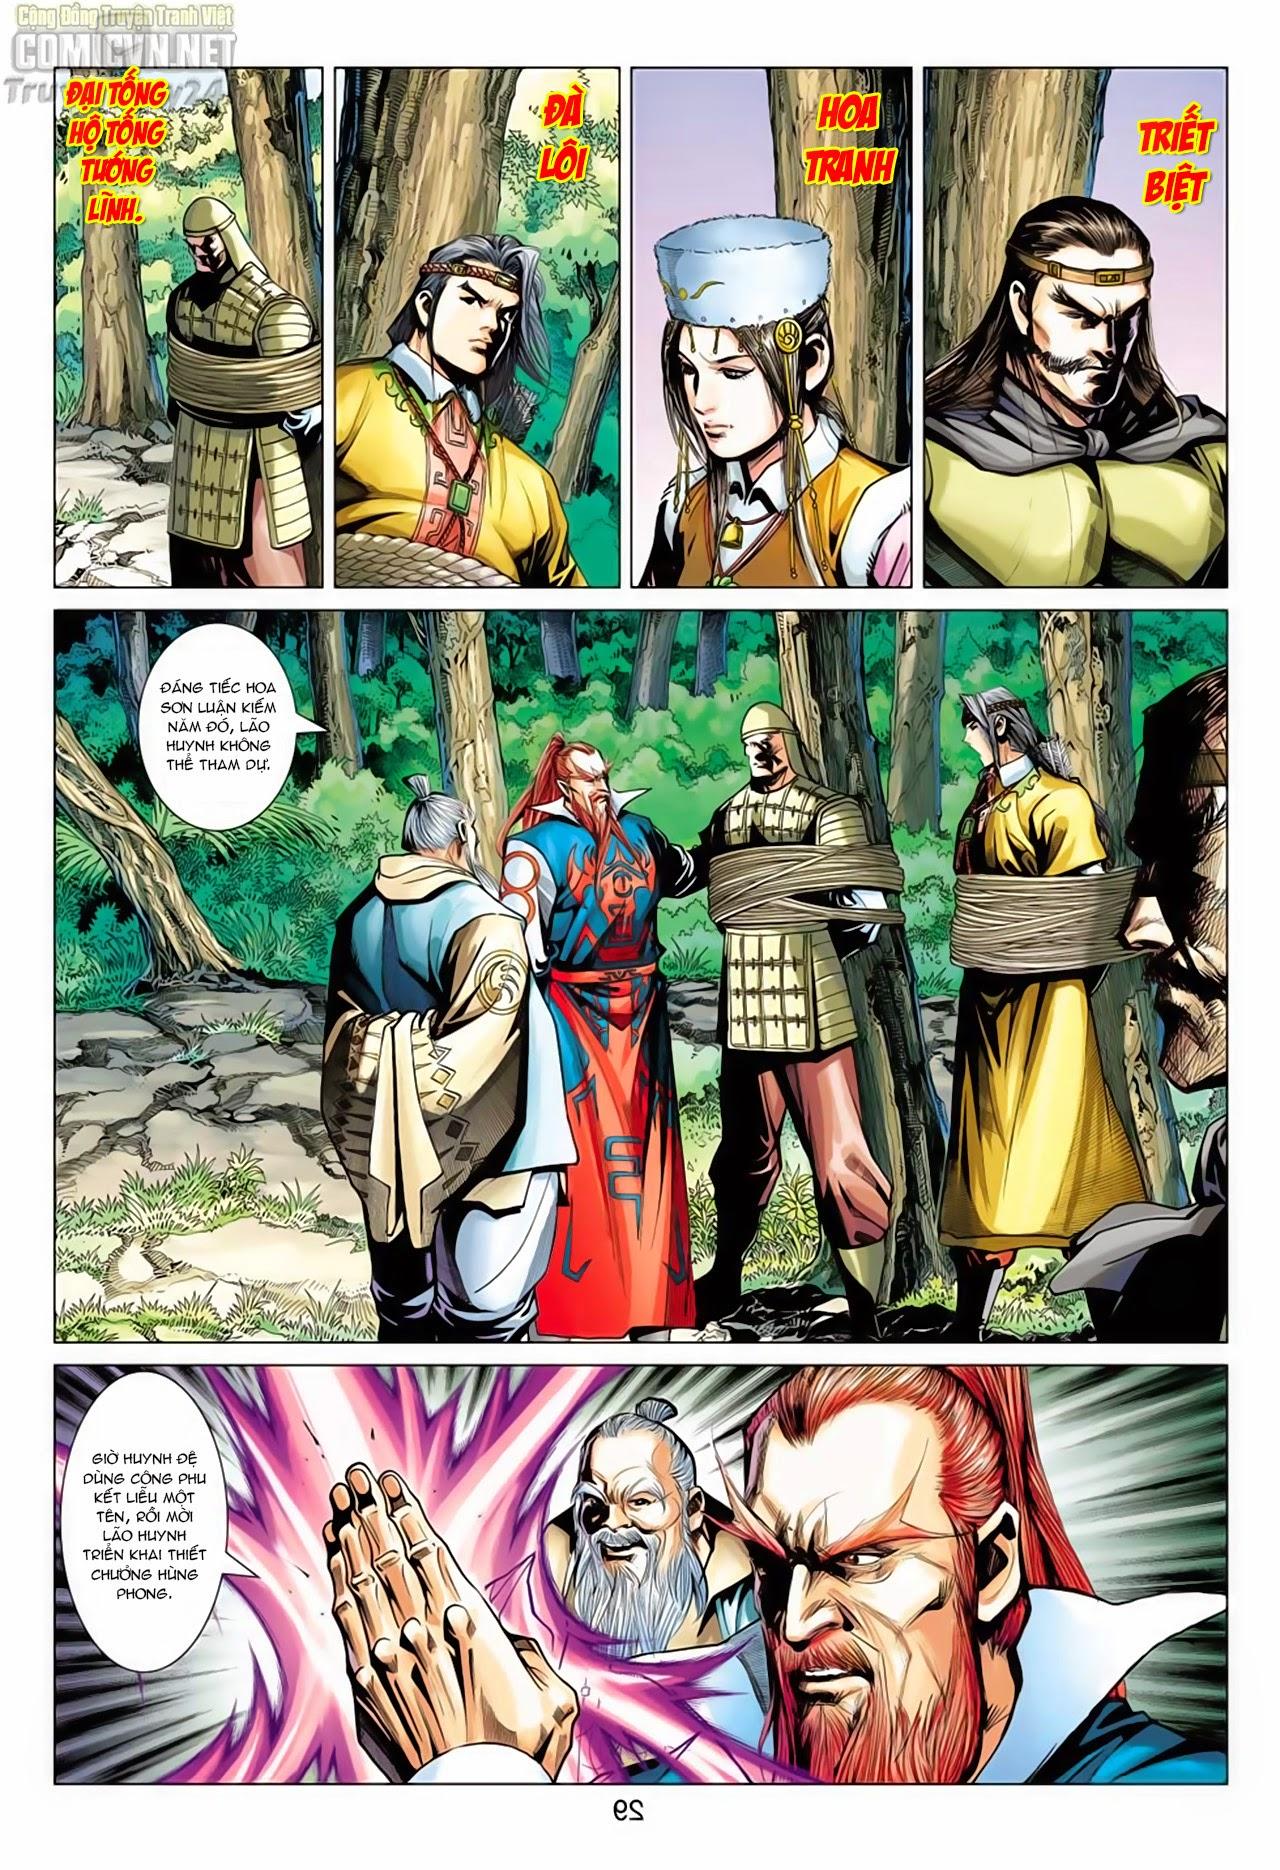 xem truyen moi - Anh Hùng Xạ Điêu - Chapter 64: Cuồng Long hội Thiết Chưởng